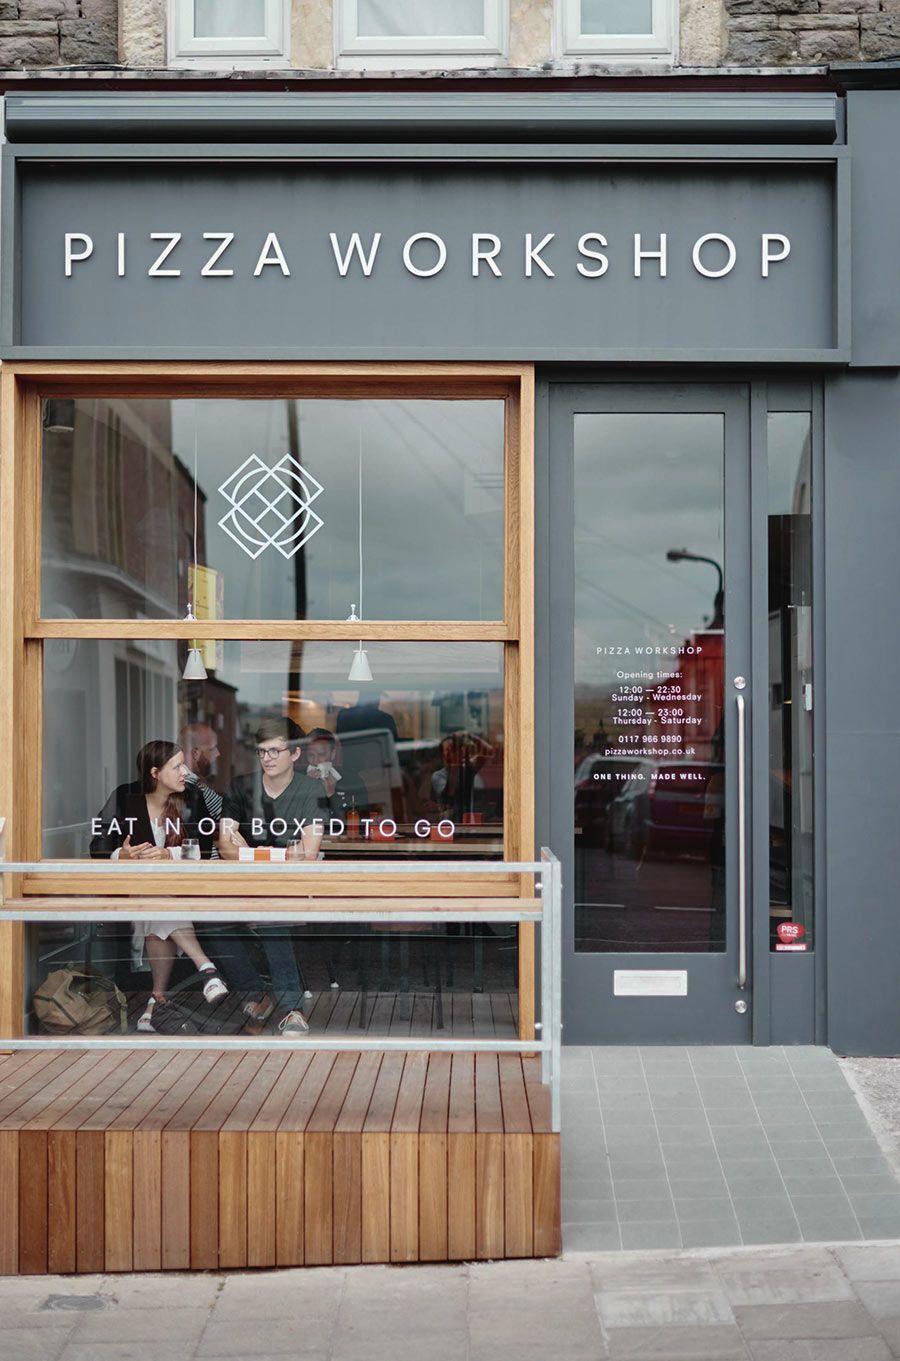 Pizza workshop exteriors pinterest